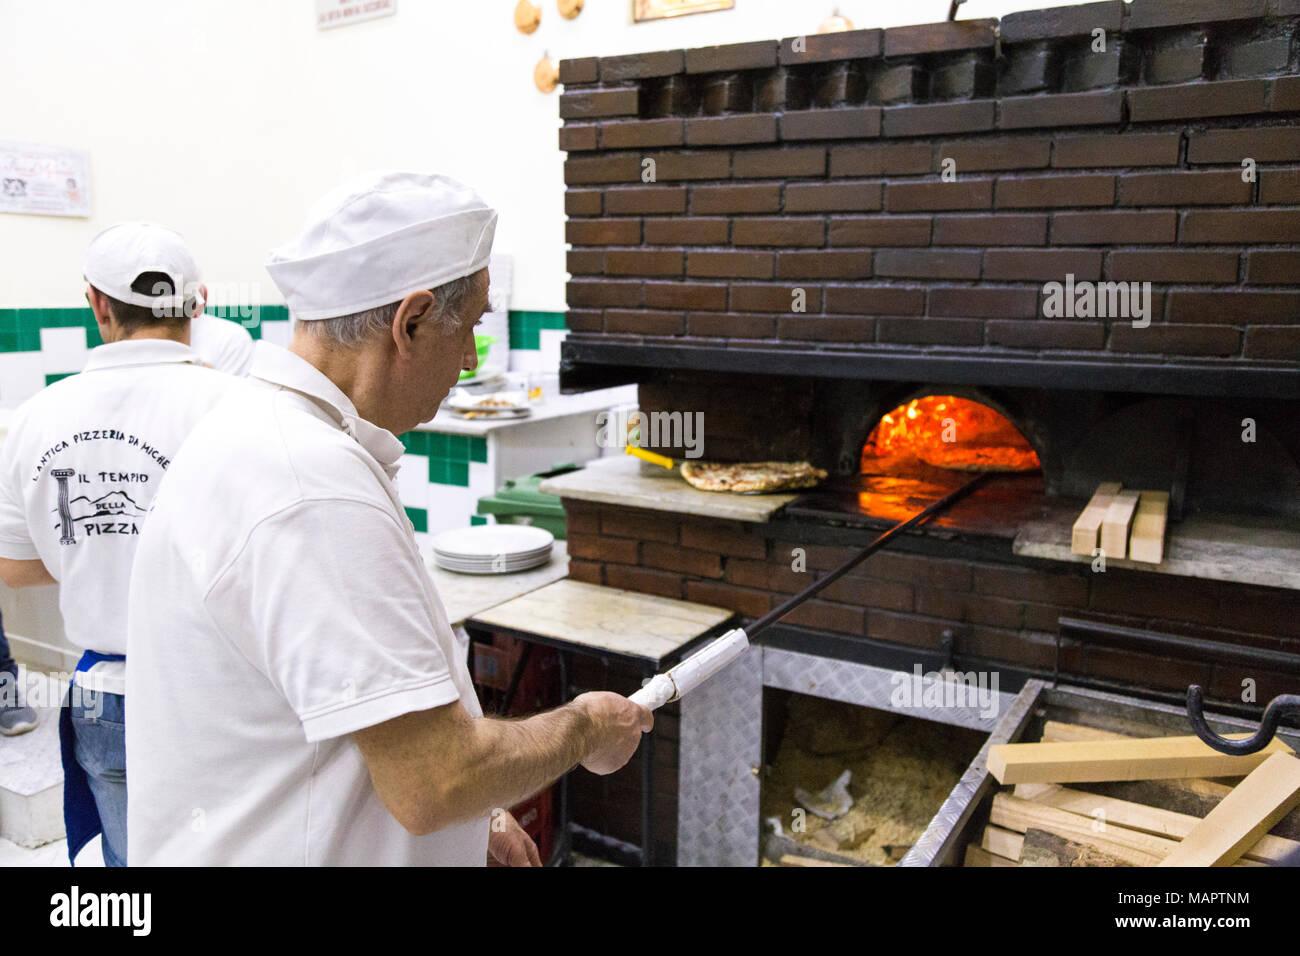 Holzofen Zum Kochen Kochen Mit Holz Und Pellets Holzofen Fur Kuche Zum Kochen Liberty Holzofen